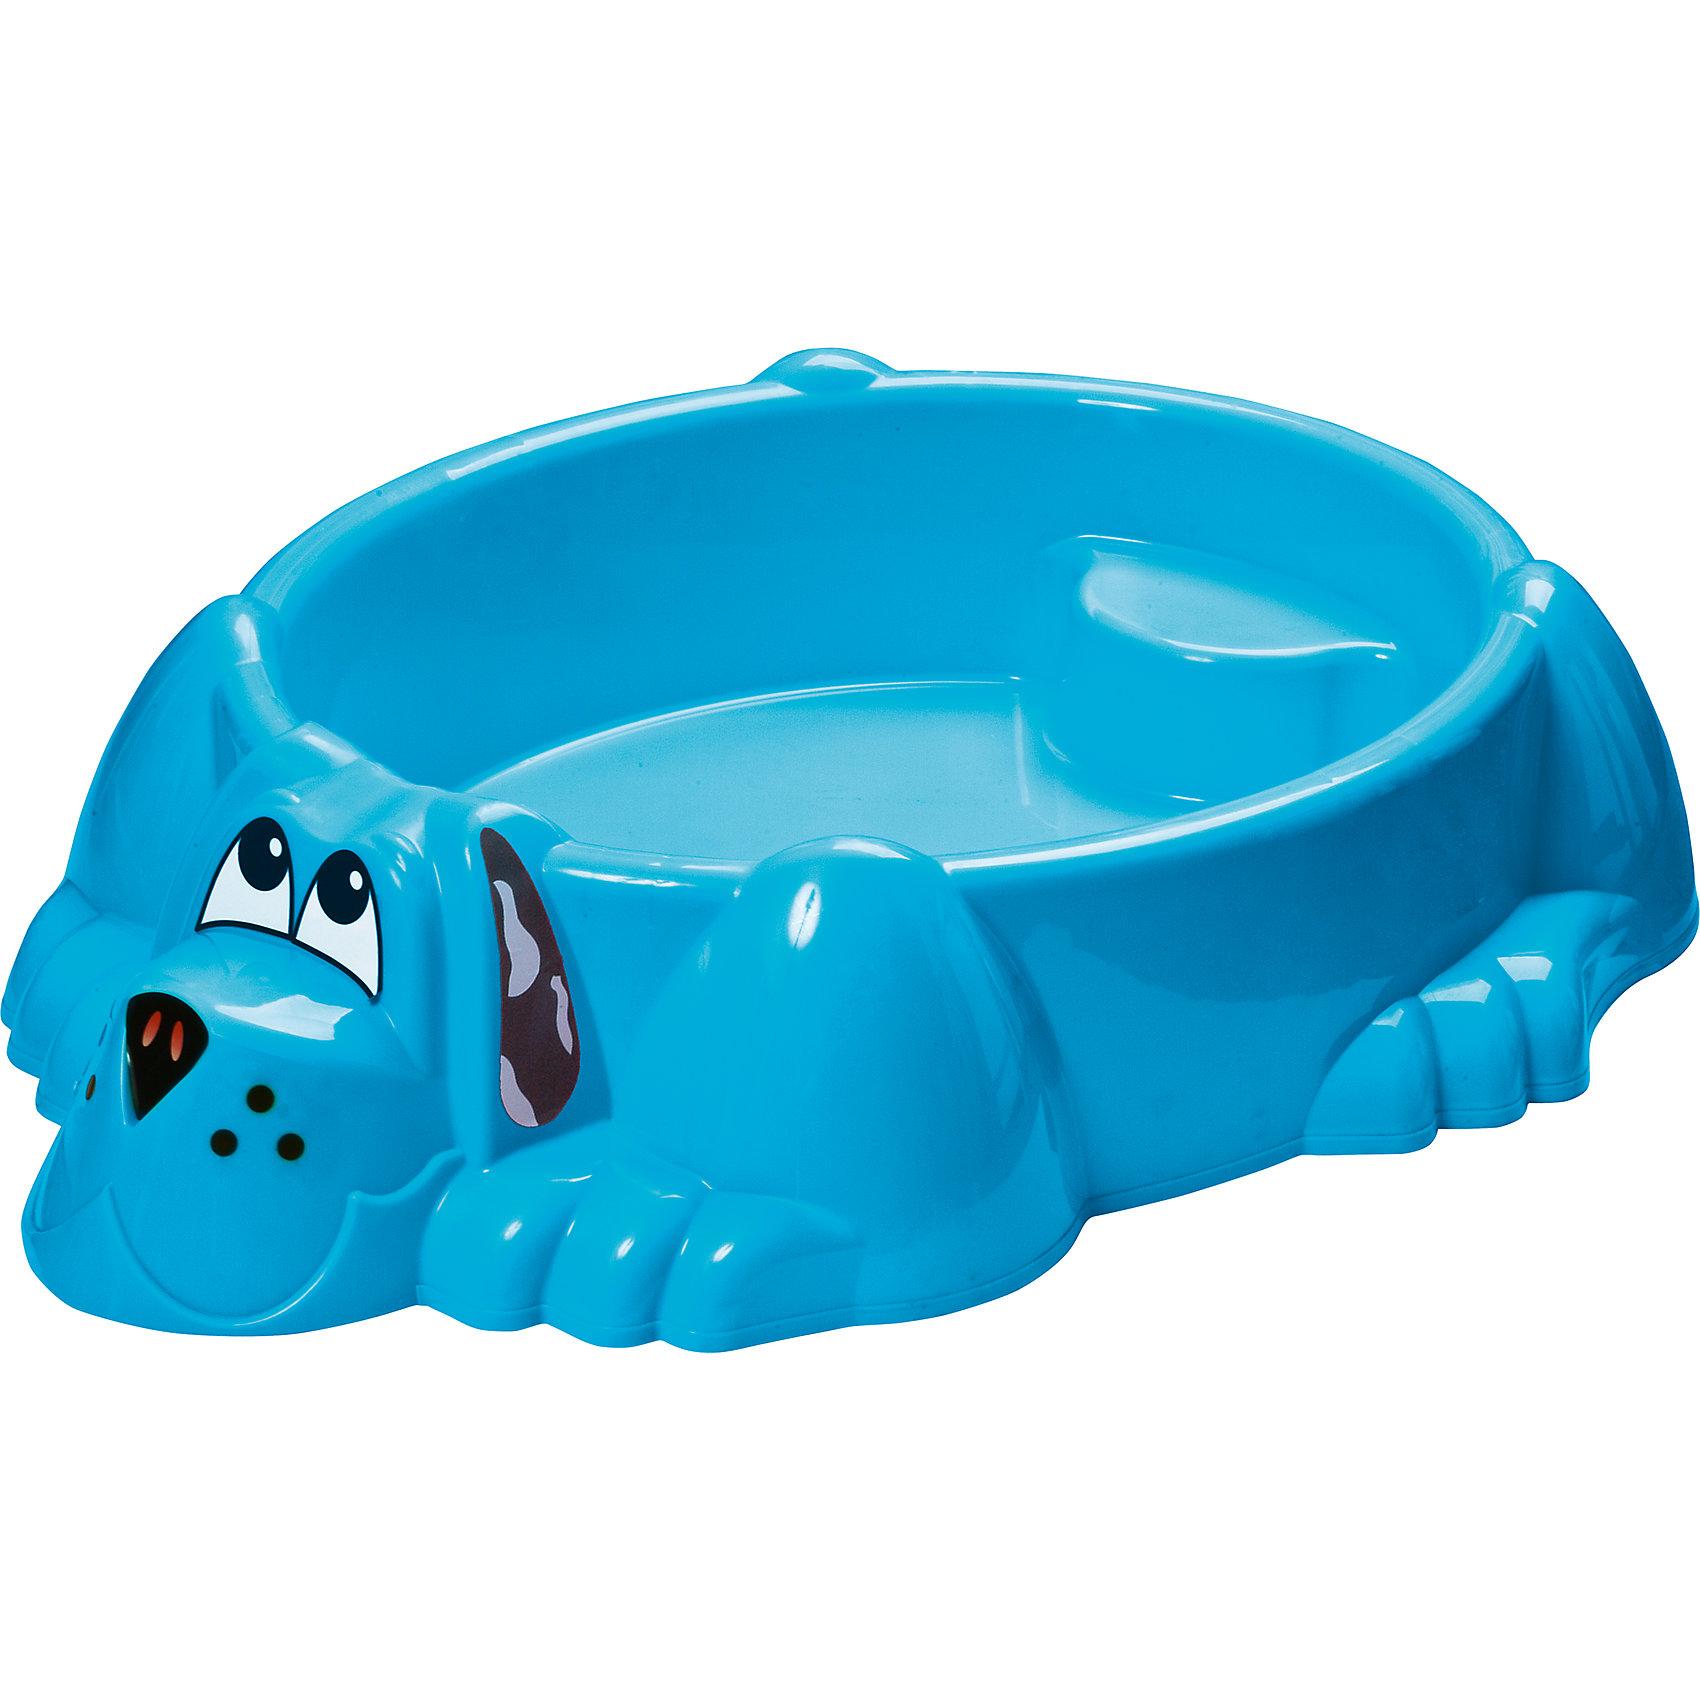 Бассейн-песочница Собачка, синий, Marian PlastИграем в песочнице<br>Песочница-бассейн Собачка Marianplast (Марианпласт) обязательно понравится Вашему малышу и станет его любимым местом для игр. Малыши очень любят игры в песке, куличики, а также игры с водой. Песочница Собачка совмещает в себе эти две игровые возможности, ее можно использовать и как песочницу и как минибассейн. Благодаря своим компактным<br>размерам песочницу подойдет как для игры на улице, на даче, так и в закрытом помещении.<br><br>Песочница-бассейн выполнена в виде забавного песика, внутри имеются фигурные выступы (в голове и хвосте собаки), на которые малыши смогут присесть и отдохнуть. В песочнице могут разместиться двое детей. Песочница округлой формы без острых углов, высота бортика - 25 см. В комплект также входят наклейки в виде глазок, носа и ушей собачки.<br><br>ВНИМАНИЕ! Товар поставляется в ассортименте. Цвета в ассортименте: голубой, зеленый, желтый. Выбрать цвет заранее нельзя!<br><br>Дополнительная информация:<br><br>- В комплекте: песочница-бассейн, наклейки (уши, нос, глаза собаки). <br>- Материал: высокопрочный морозостойкий пластик.<br>- Размер: 92 х 115 х 25 см.<br>- Вес: 4 кг.<br><br>Бассейн - Собачку от Marianplast (Марианпласт) можно купить в нашем интернет-магазине.<br><br>Ширина мм: 1150<br>Глубина мм: 920<br>Высота мм: 265<br>Вес г: 4040<br>Возраст от месяцев: 24<br>Возраст до месяцев: 96<br>Пол: Унисекс<br>Возраст: Детский<br>SKU: 4055320